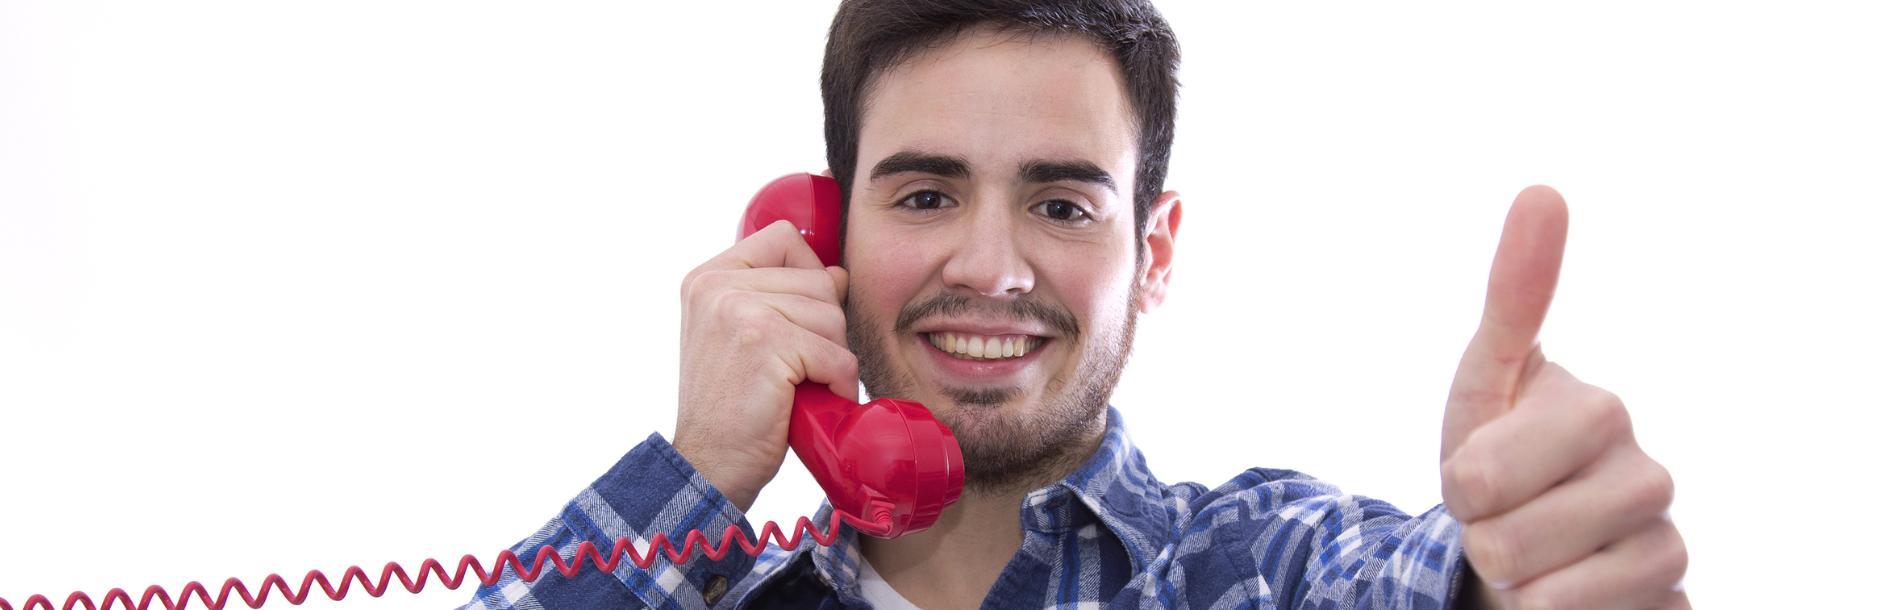 Unerwünschte Telefonanrufe Blockieren